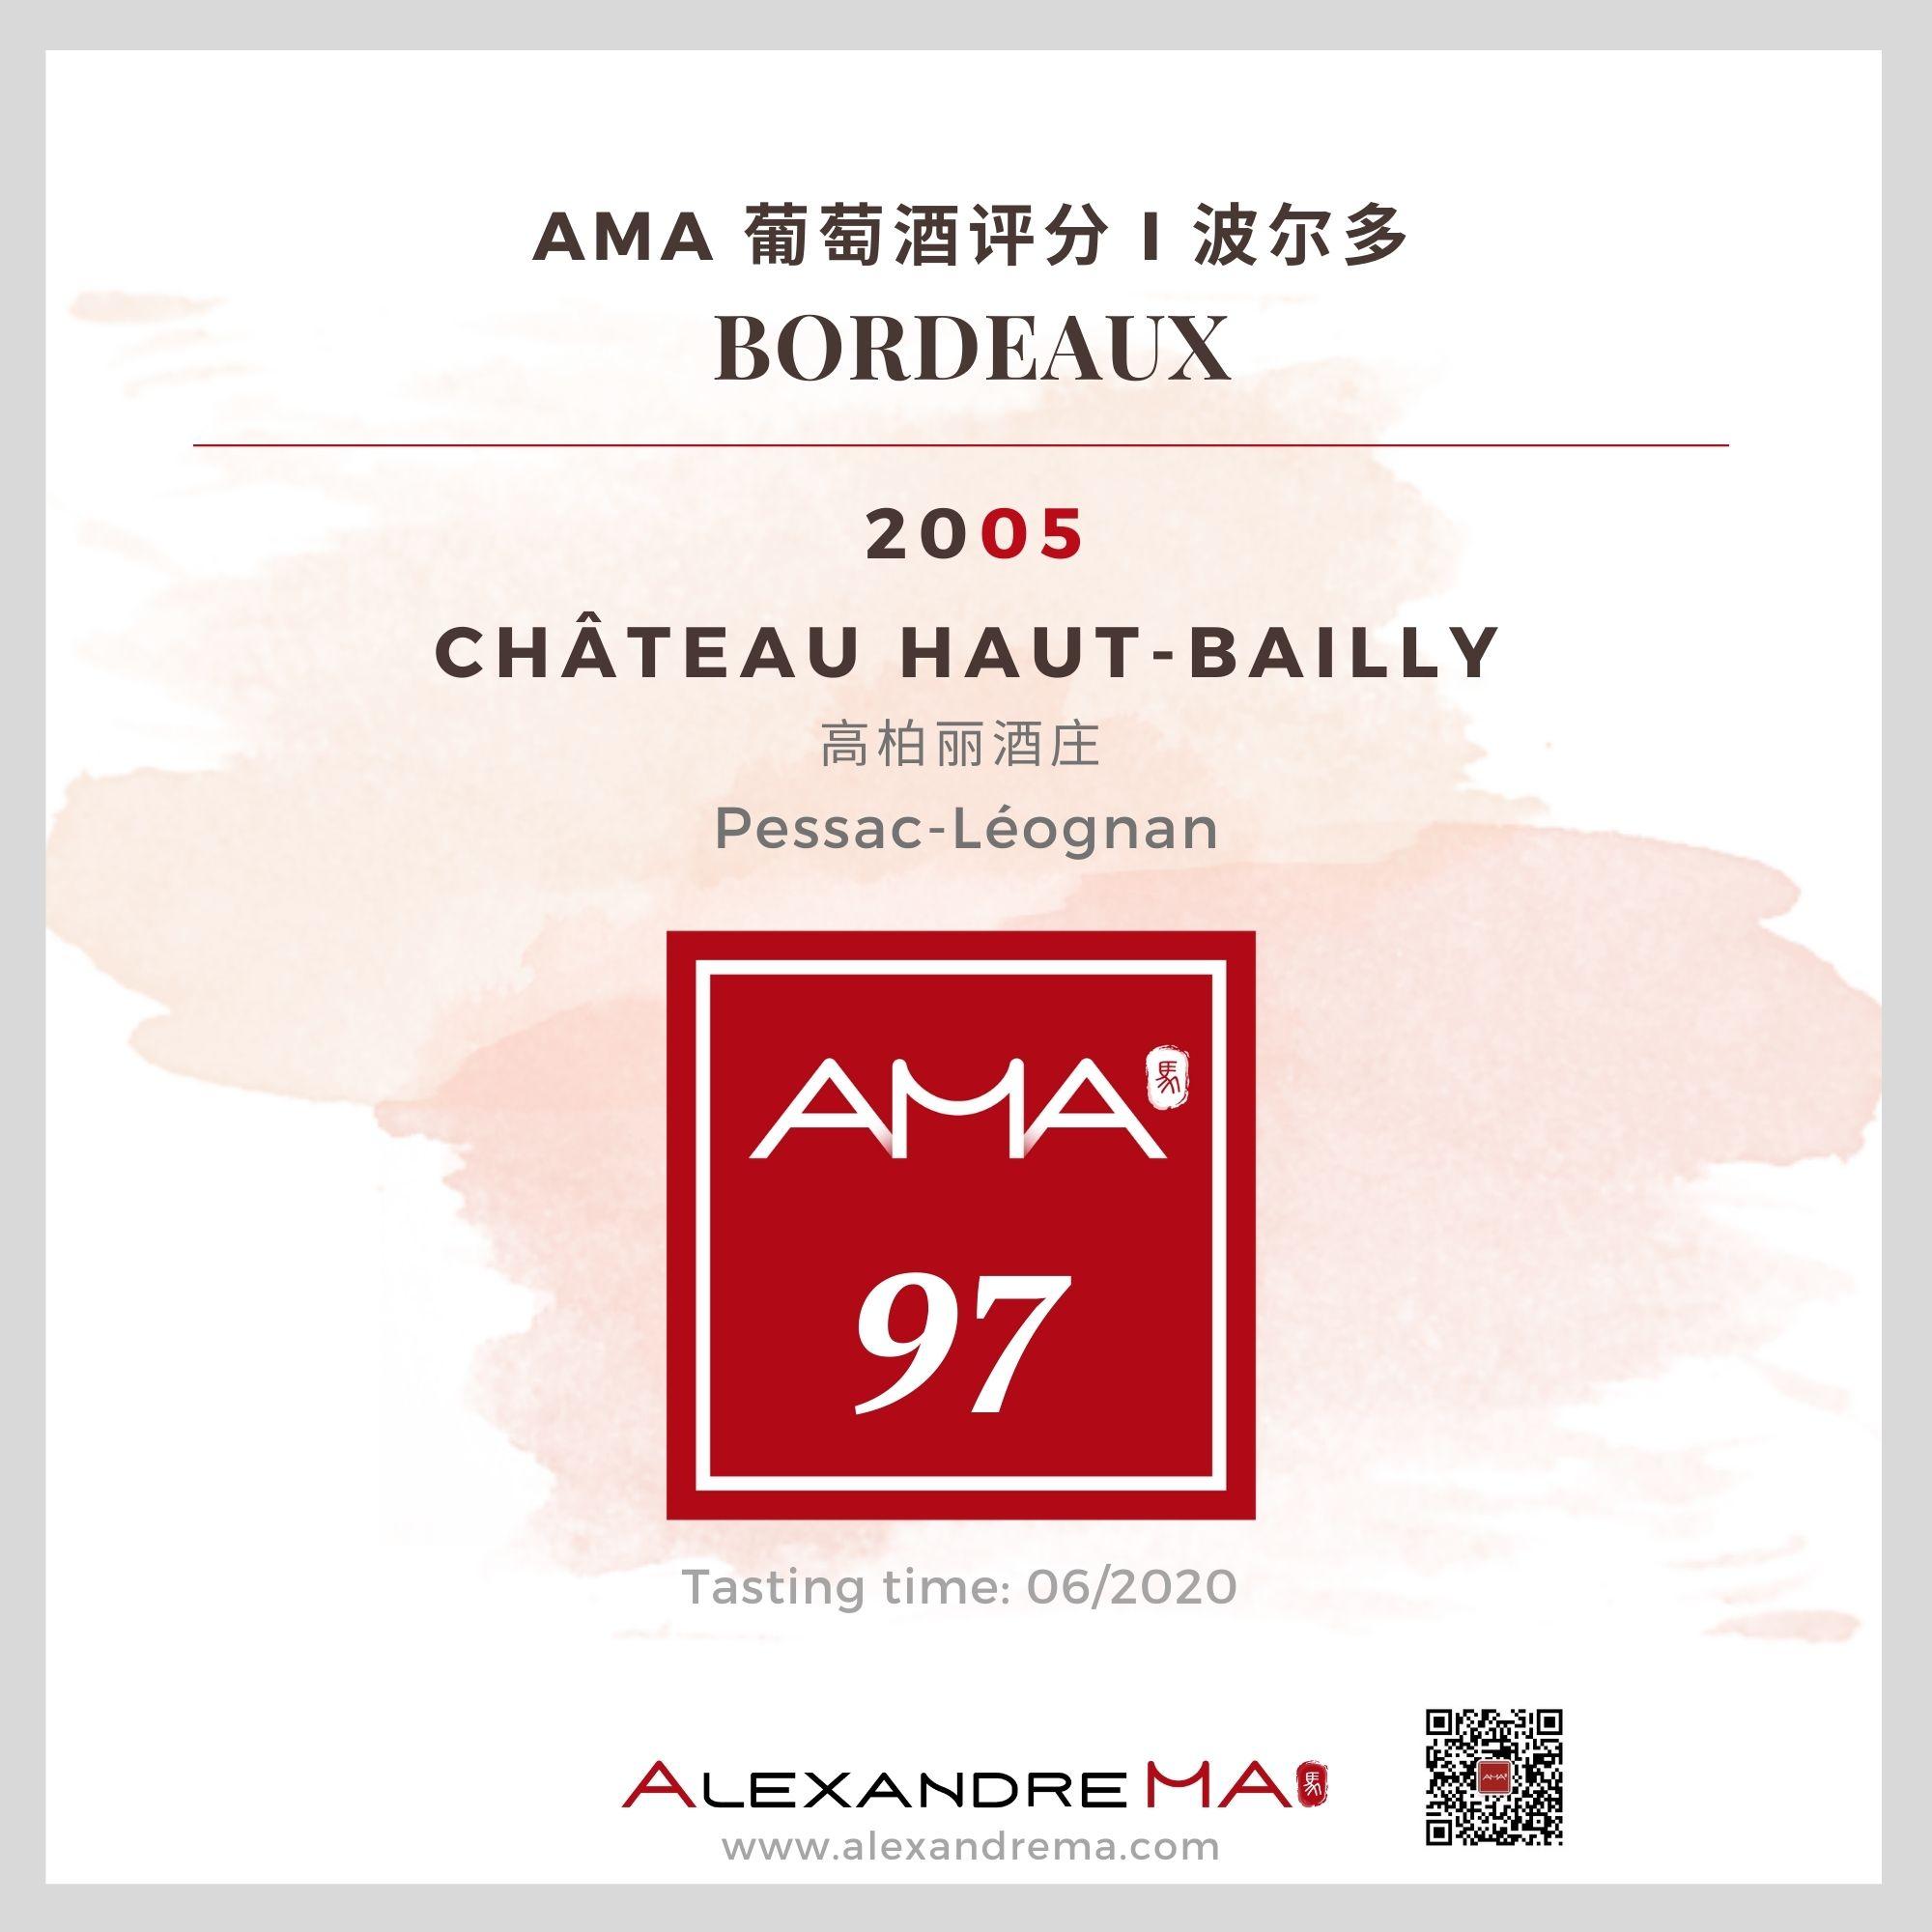 Château Haut-Bailly 2005 - Alexandre MA